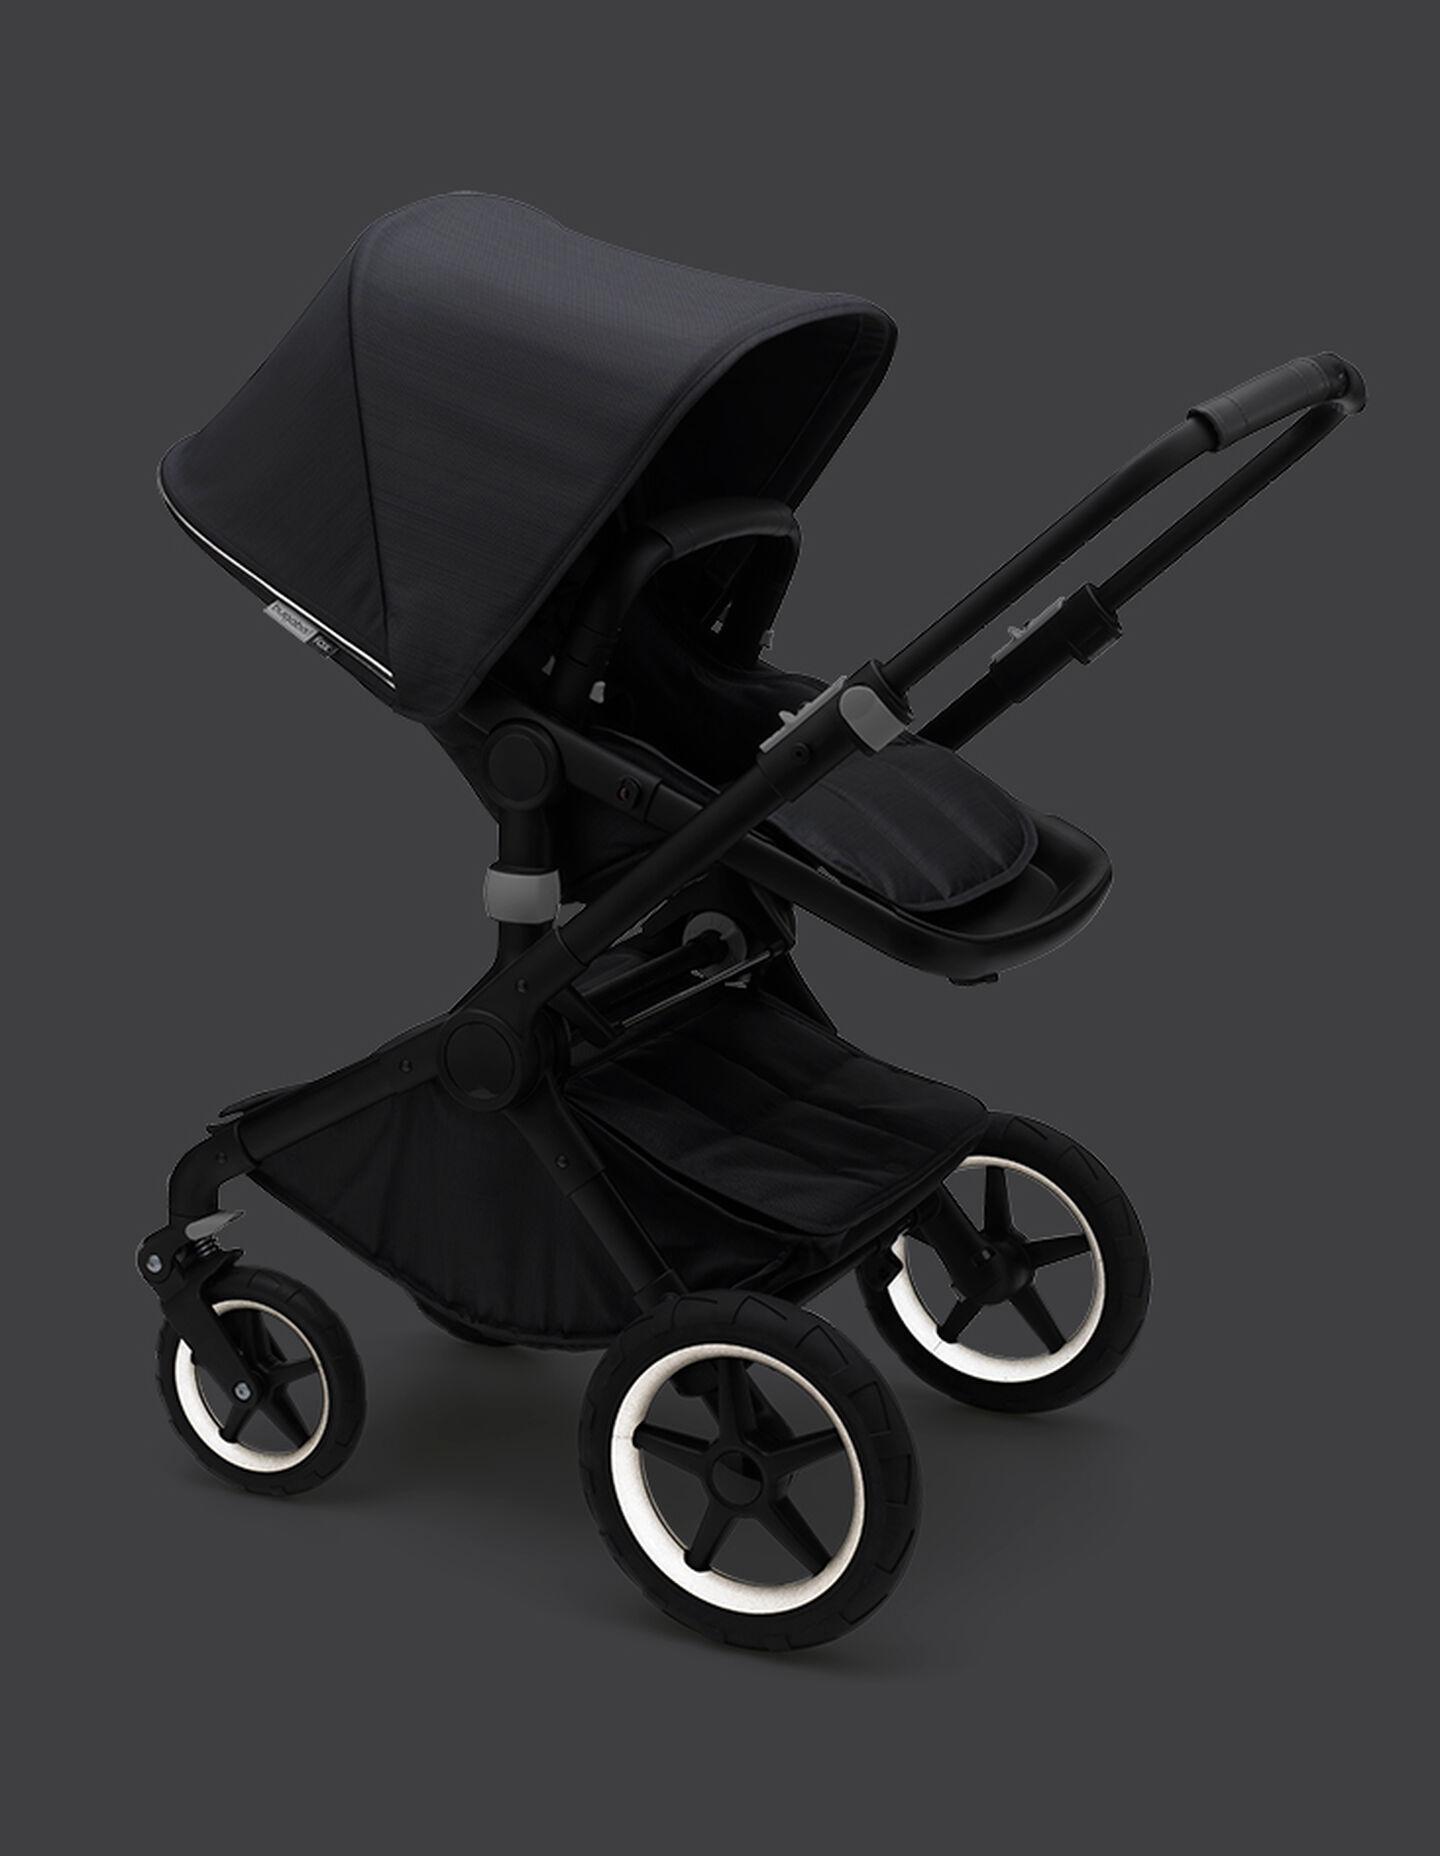 Bugaboo Fox Stellar | Reflective baby stroller